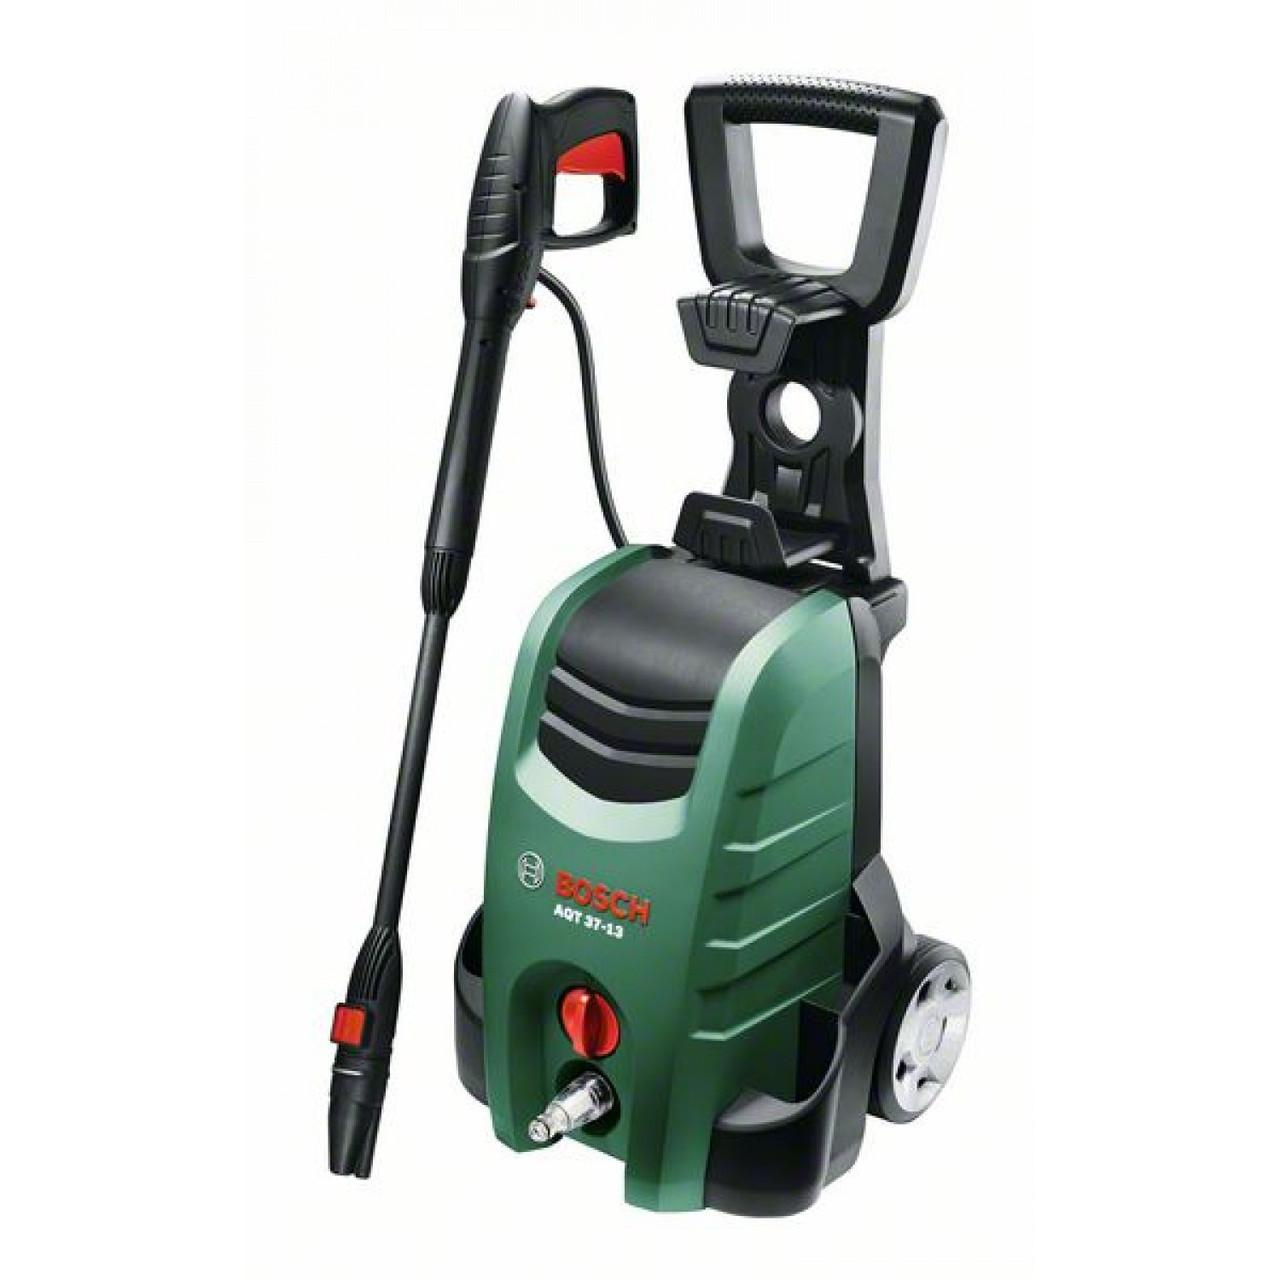 Очистители ВД Bosch  AQT 37-13